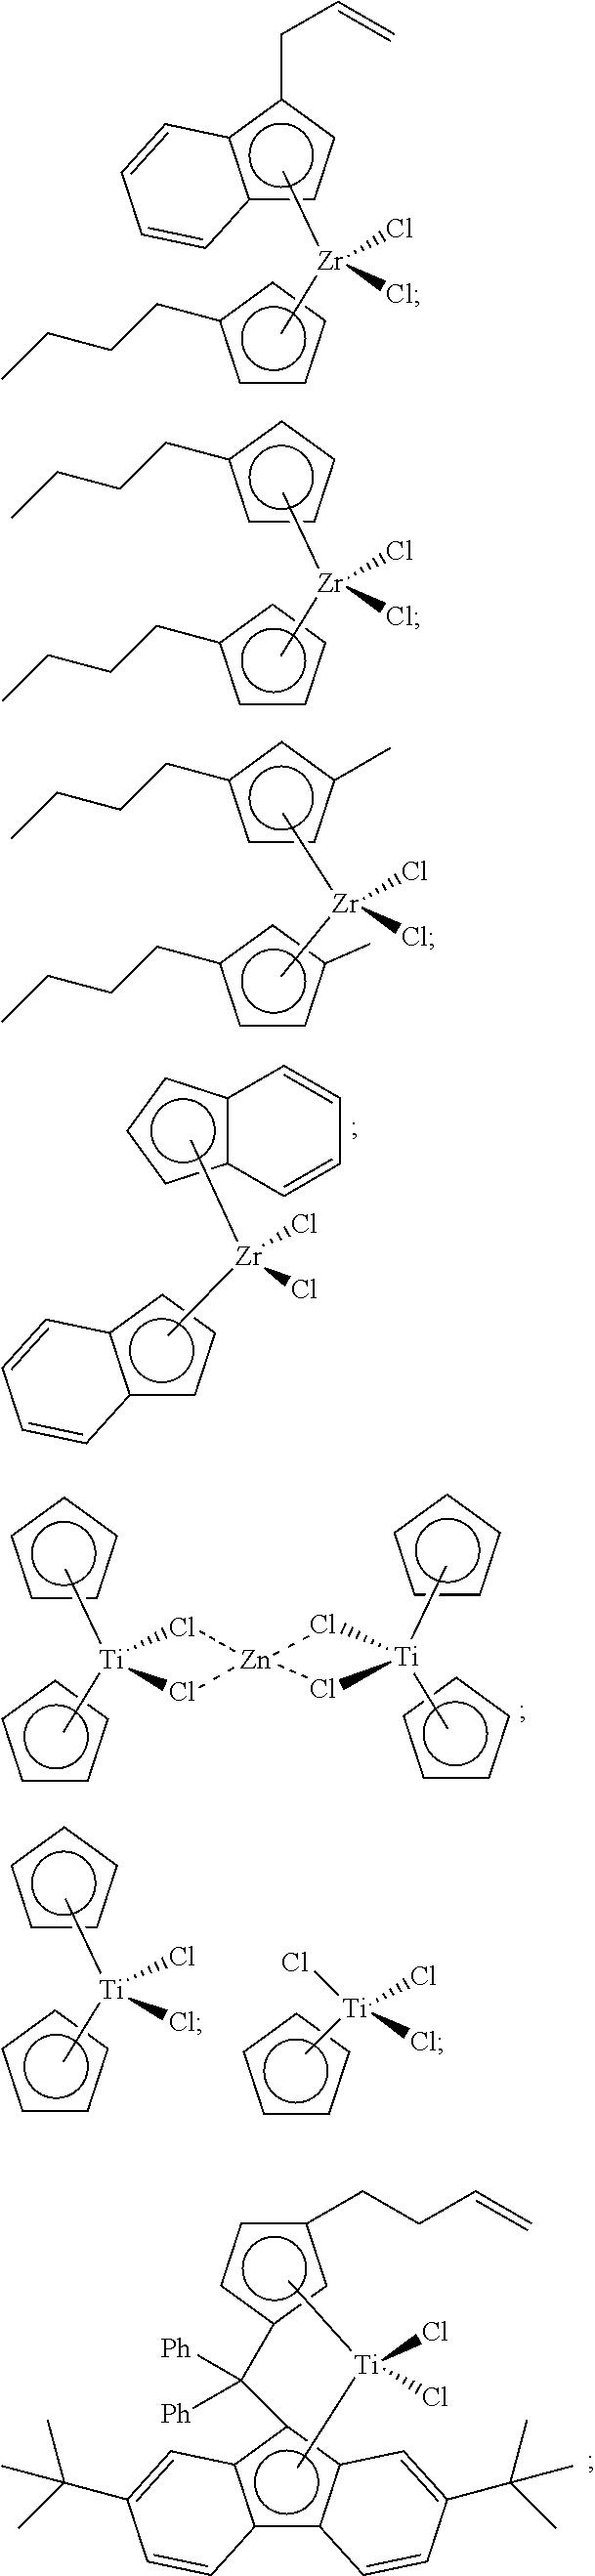 Figure US08501654-20130806-C00046